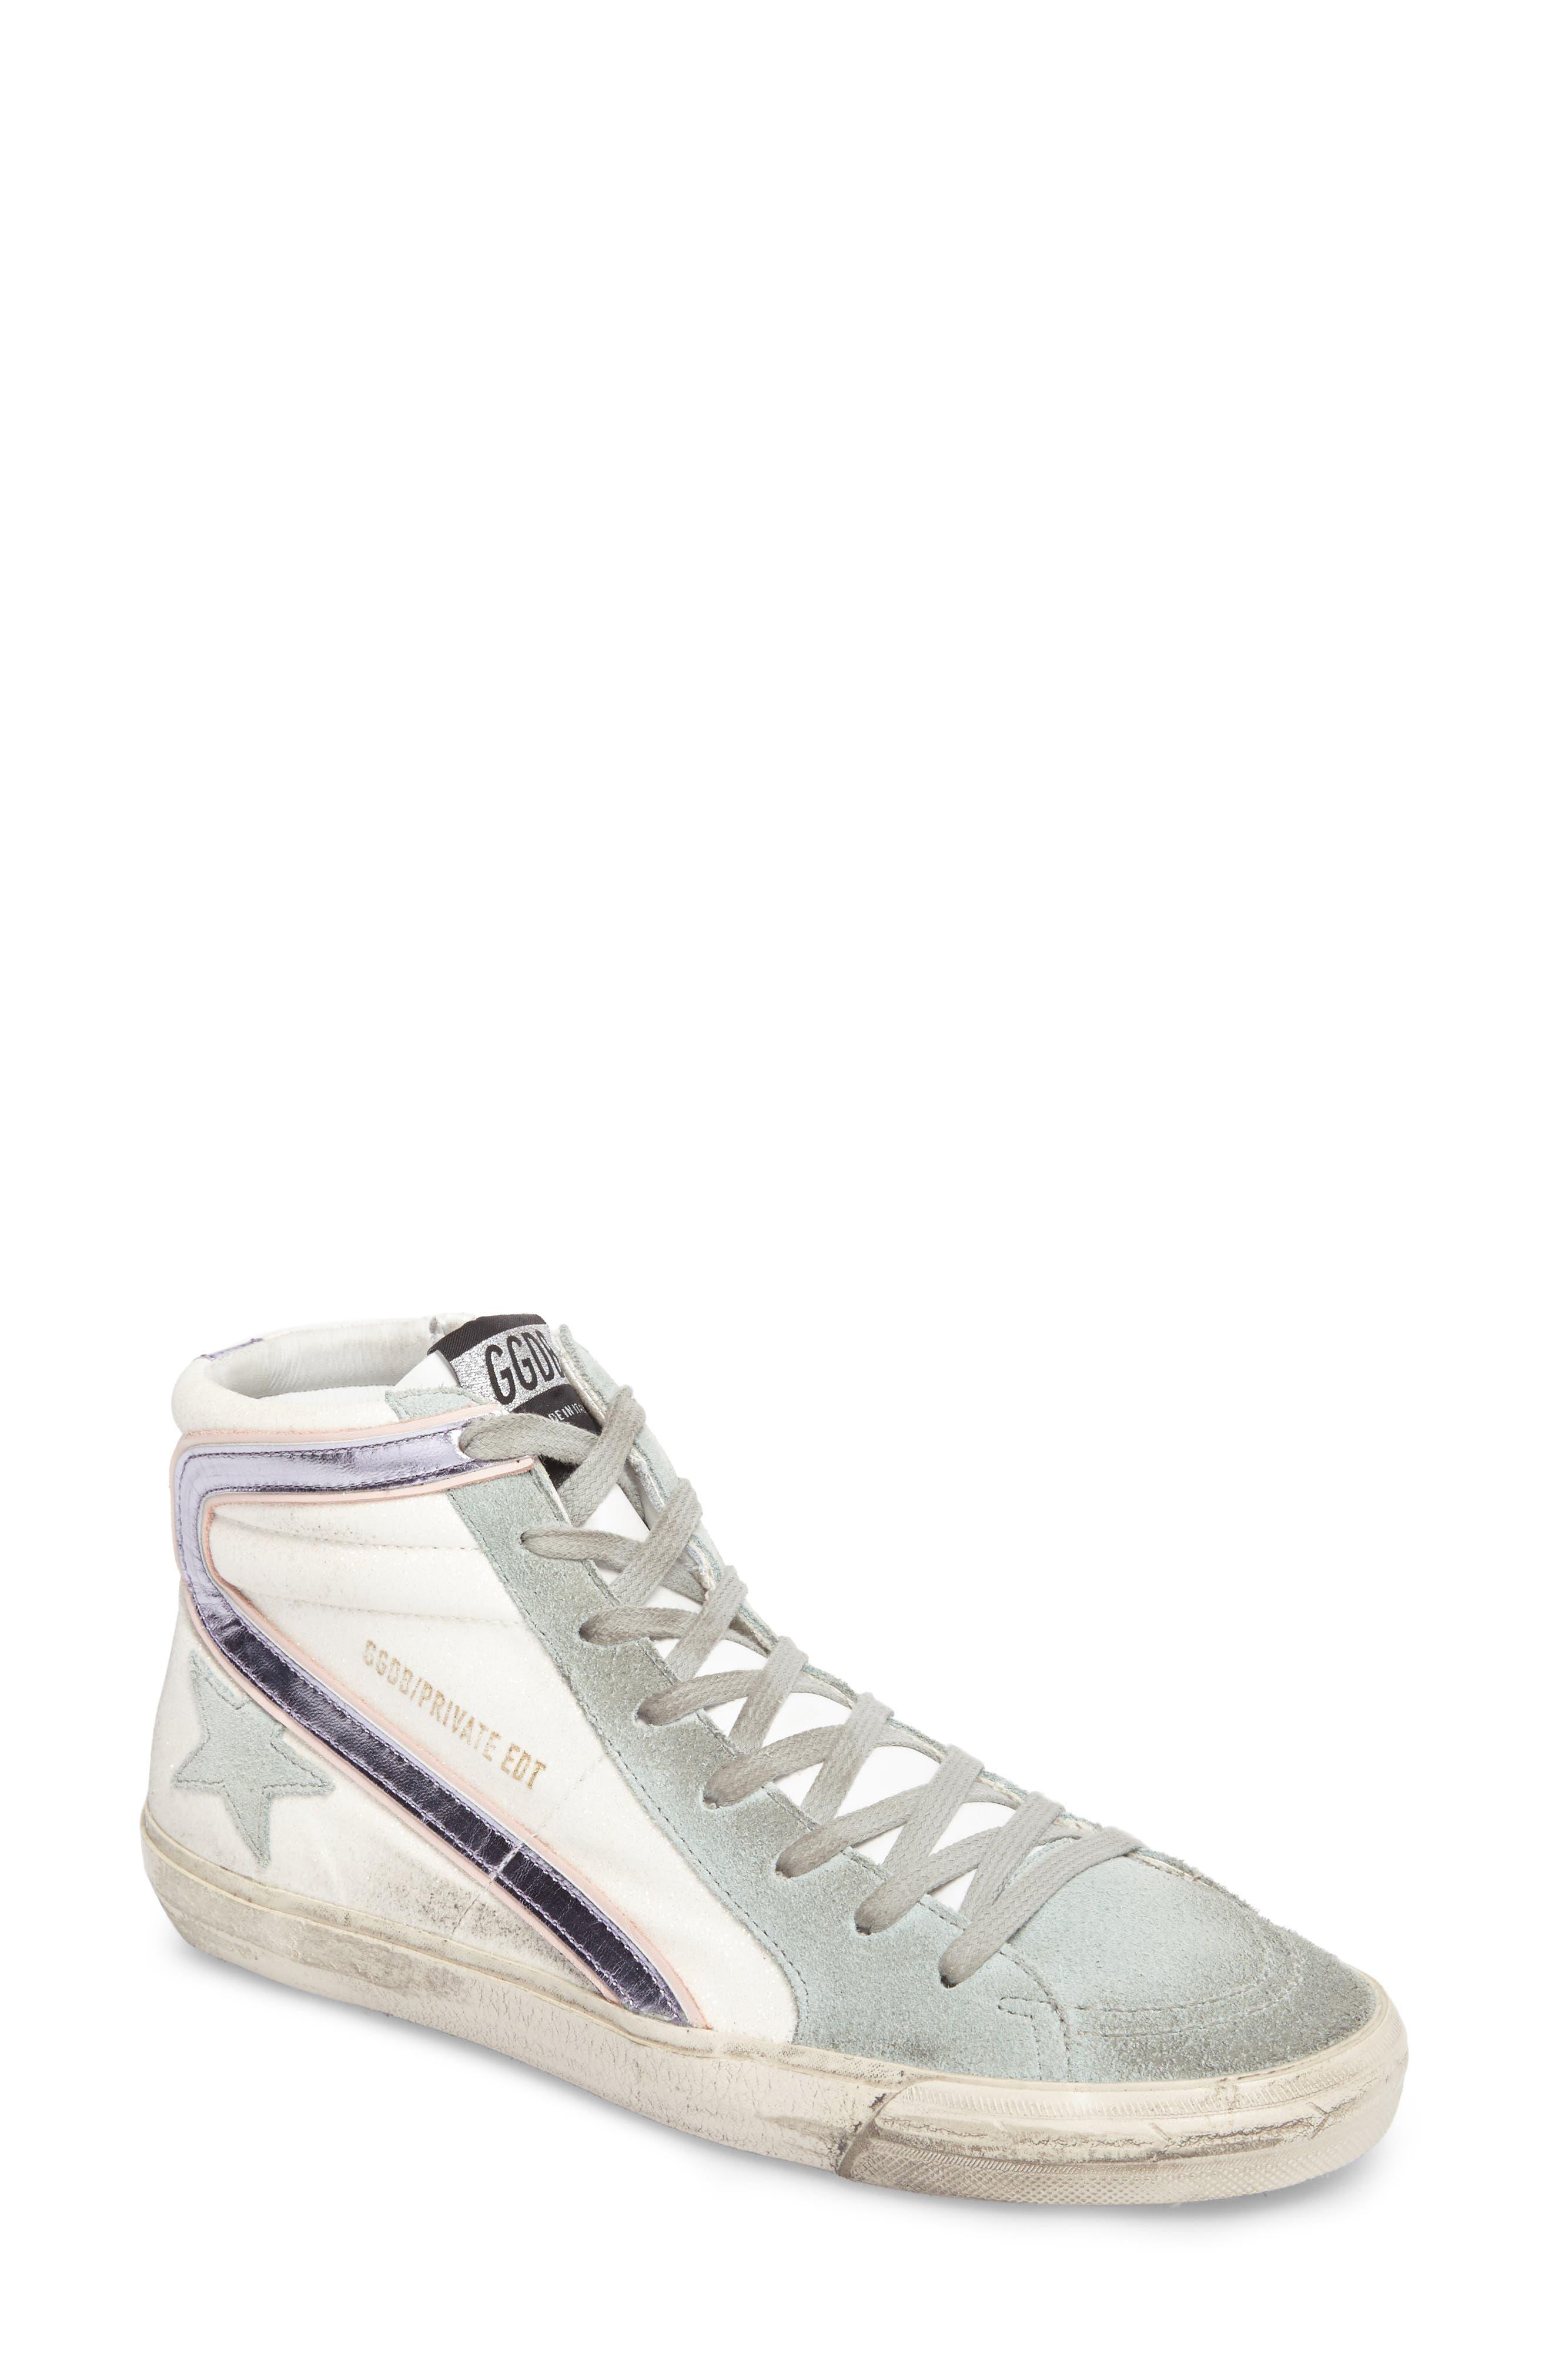 Alternate Image 1 Selected - Golden Goose Slide High Top Sneaker (Women) (Nordstrom Exclusive)